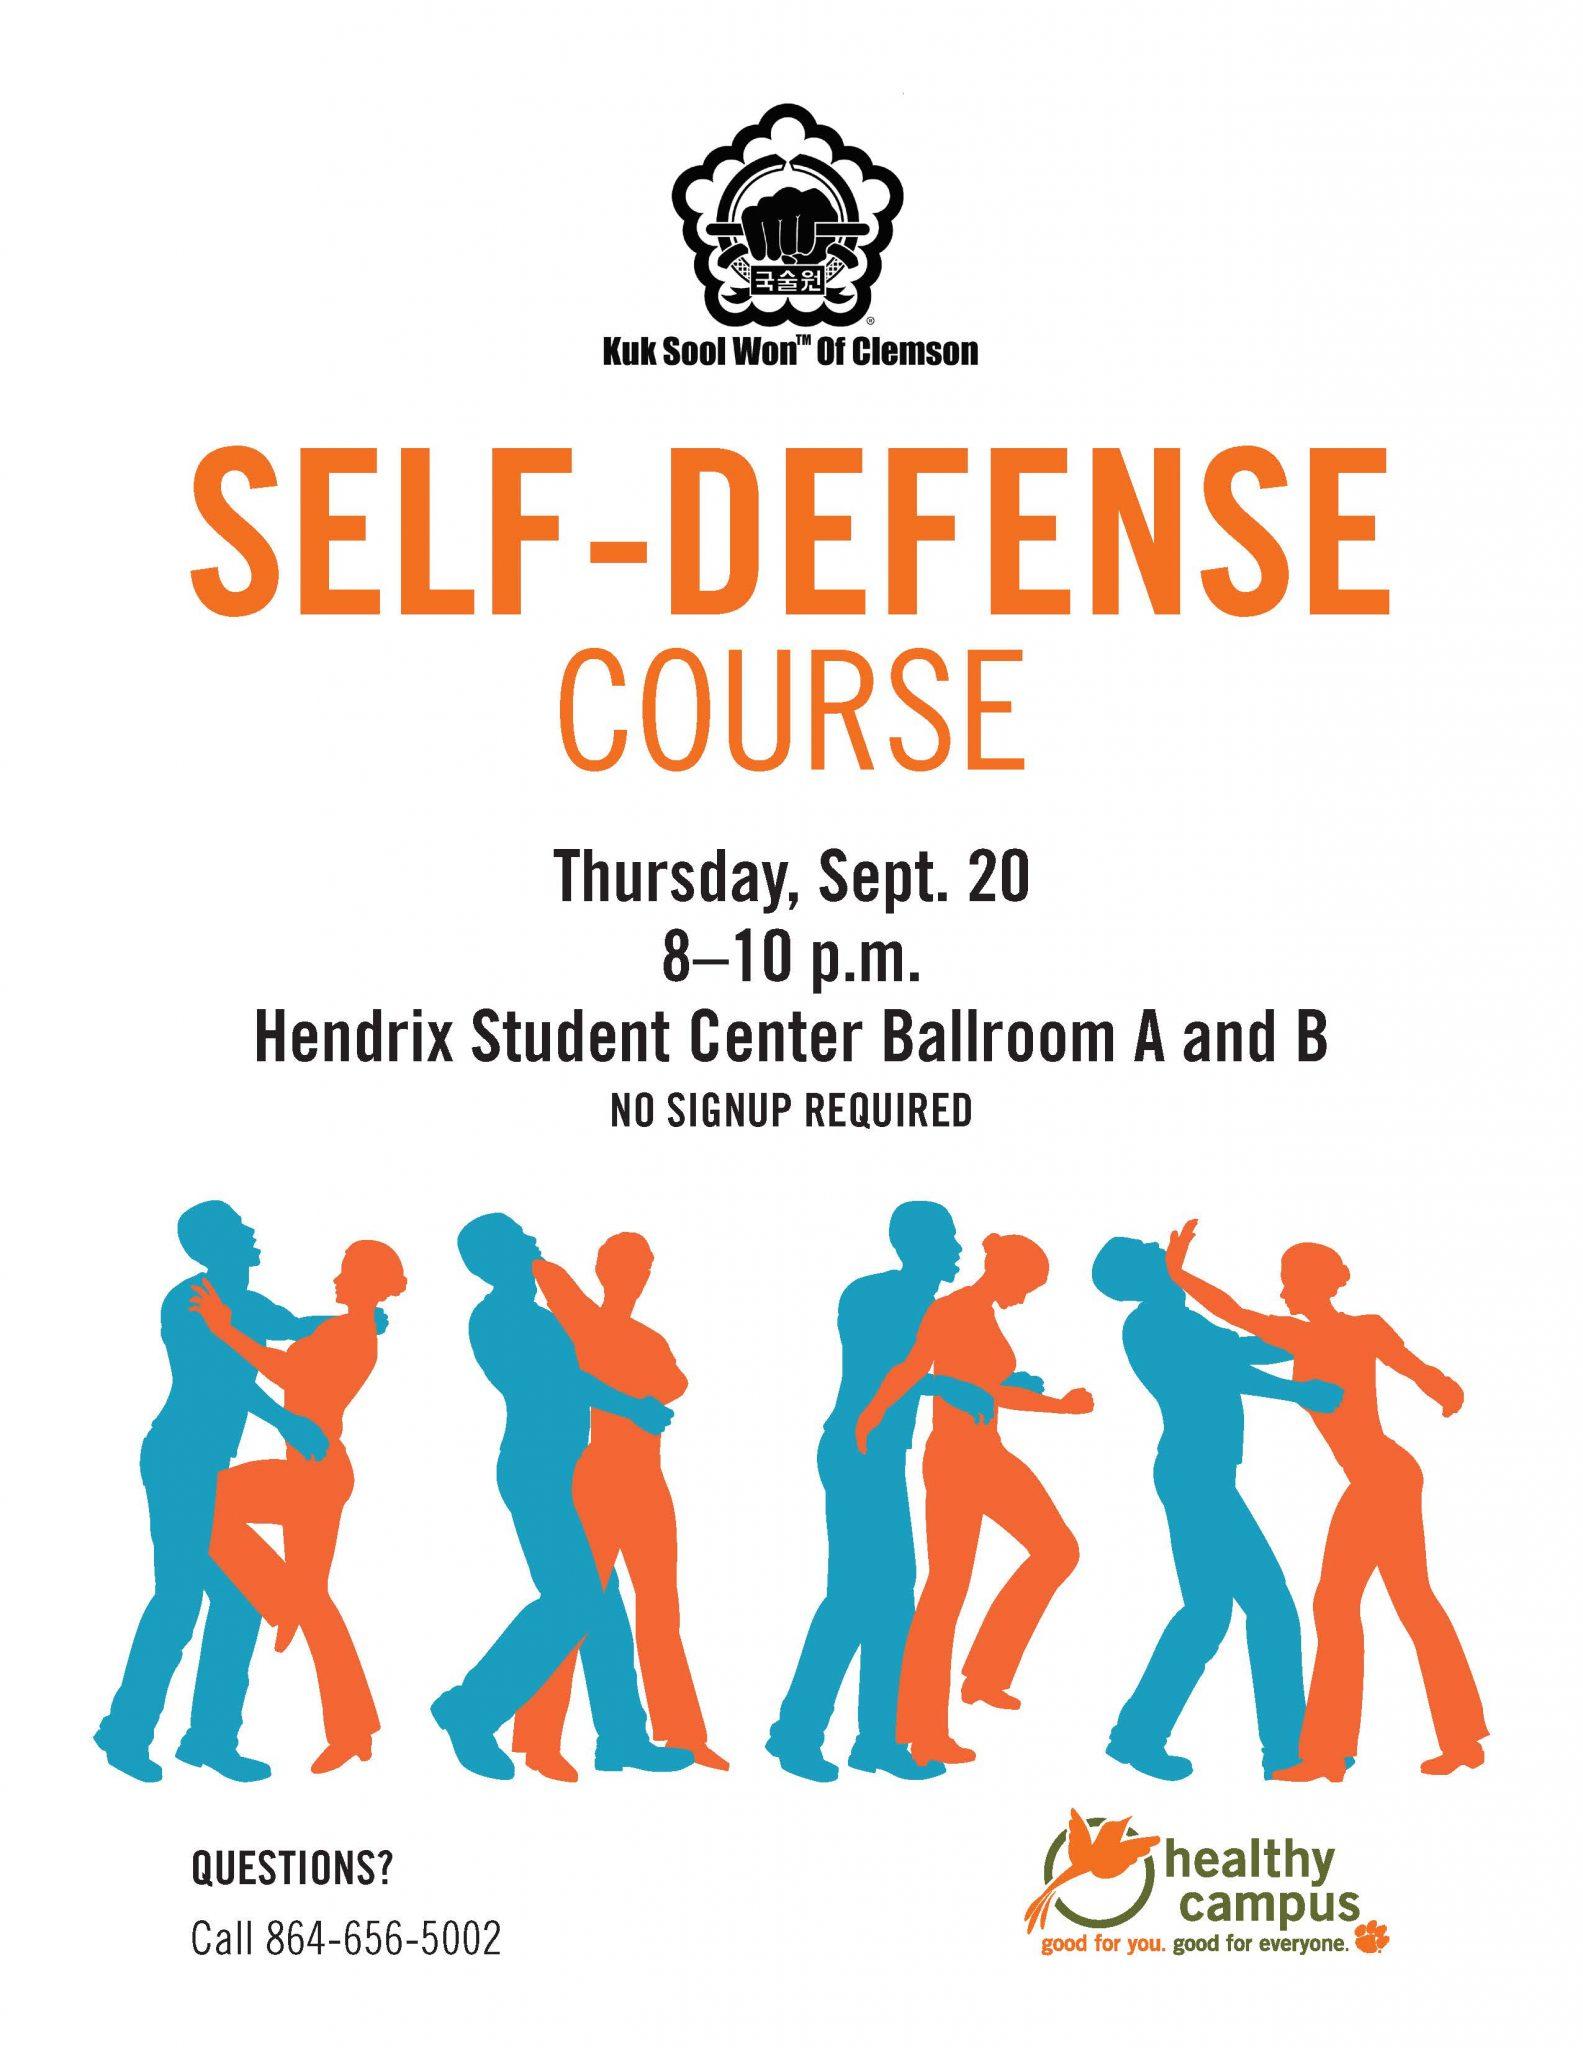 Self-Defense workshop on Sept. 20